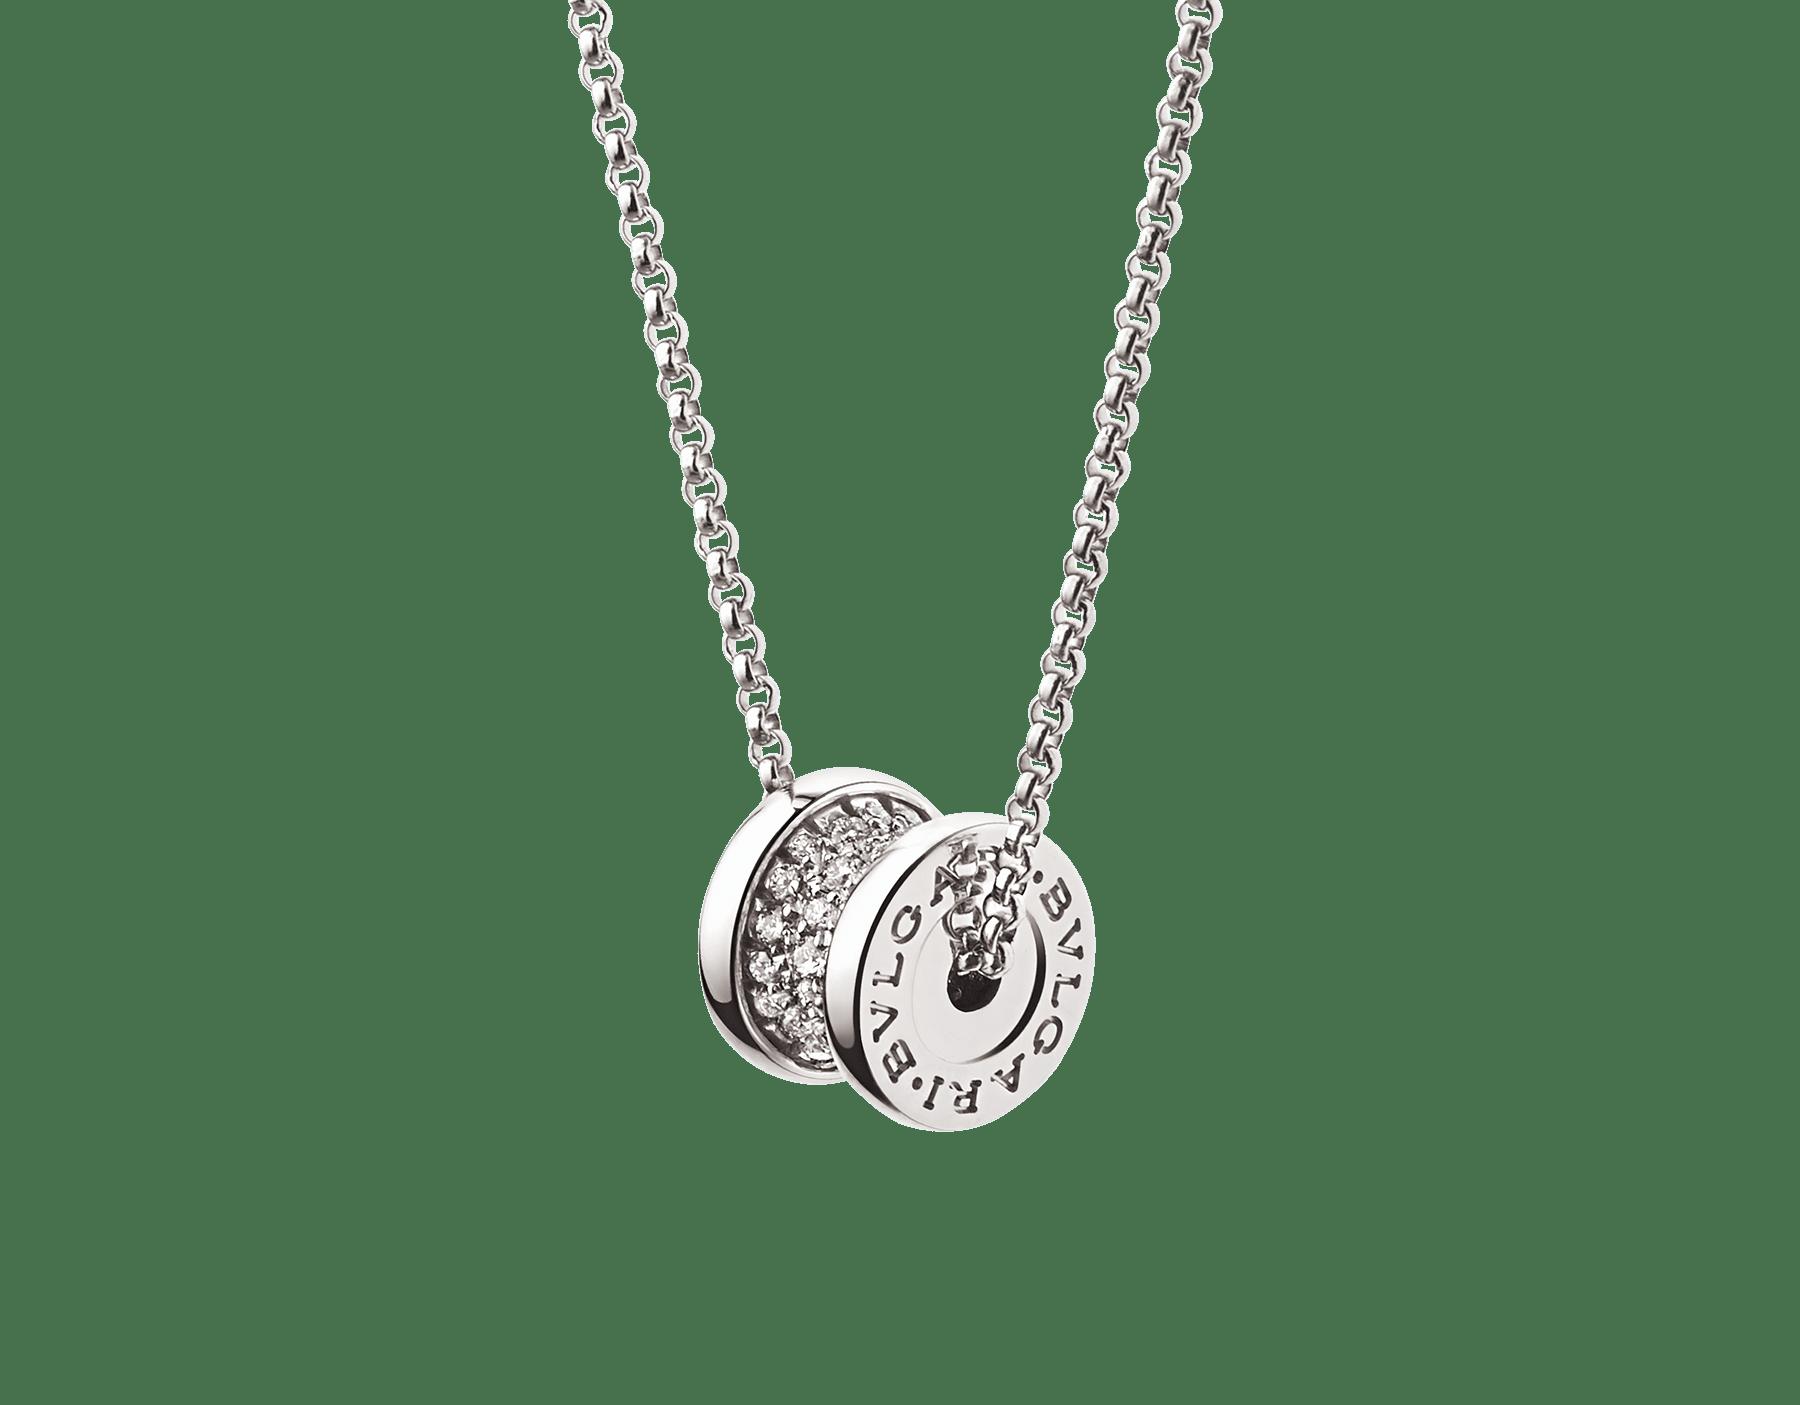 高貴なパヴェダイヤモンドをあしらった象徴的な螺旋(らせん)にホワイトゴールド製チェーンを通したビー・ゼロワン ネックレス。その独特のデザインは、現代的なエレガンスと融合します。 351117 image 1